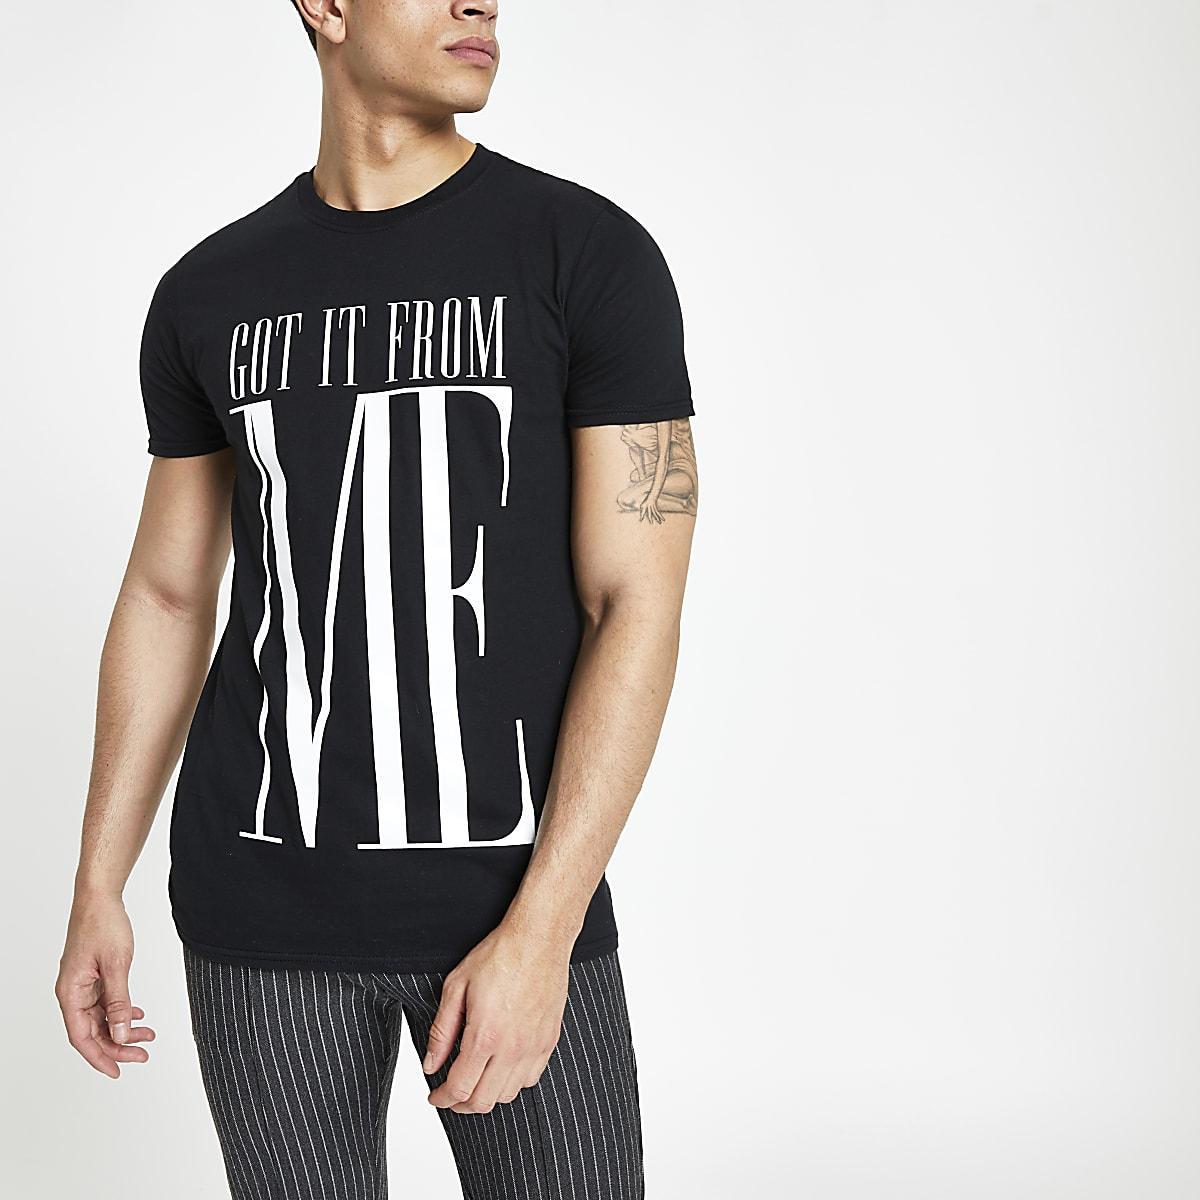 Black 'Got it from me' twinning T-shirt